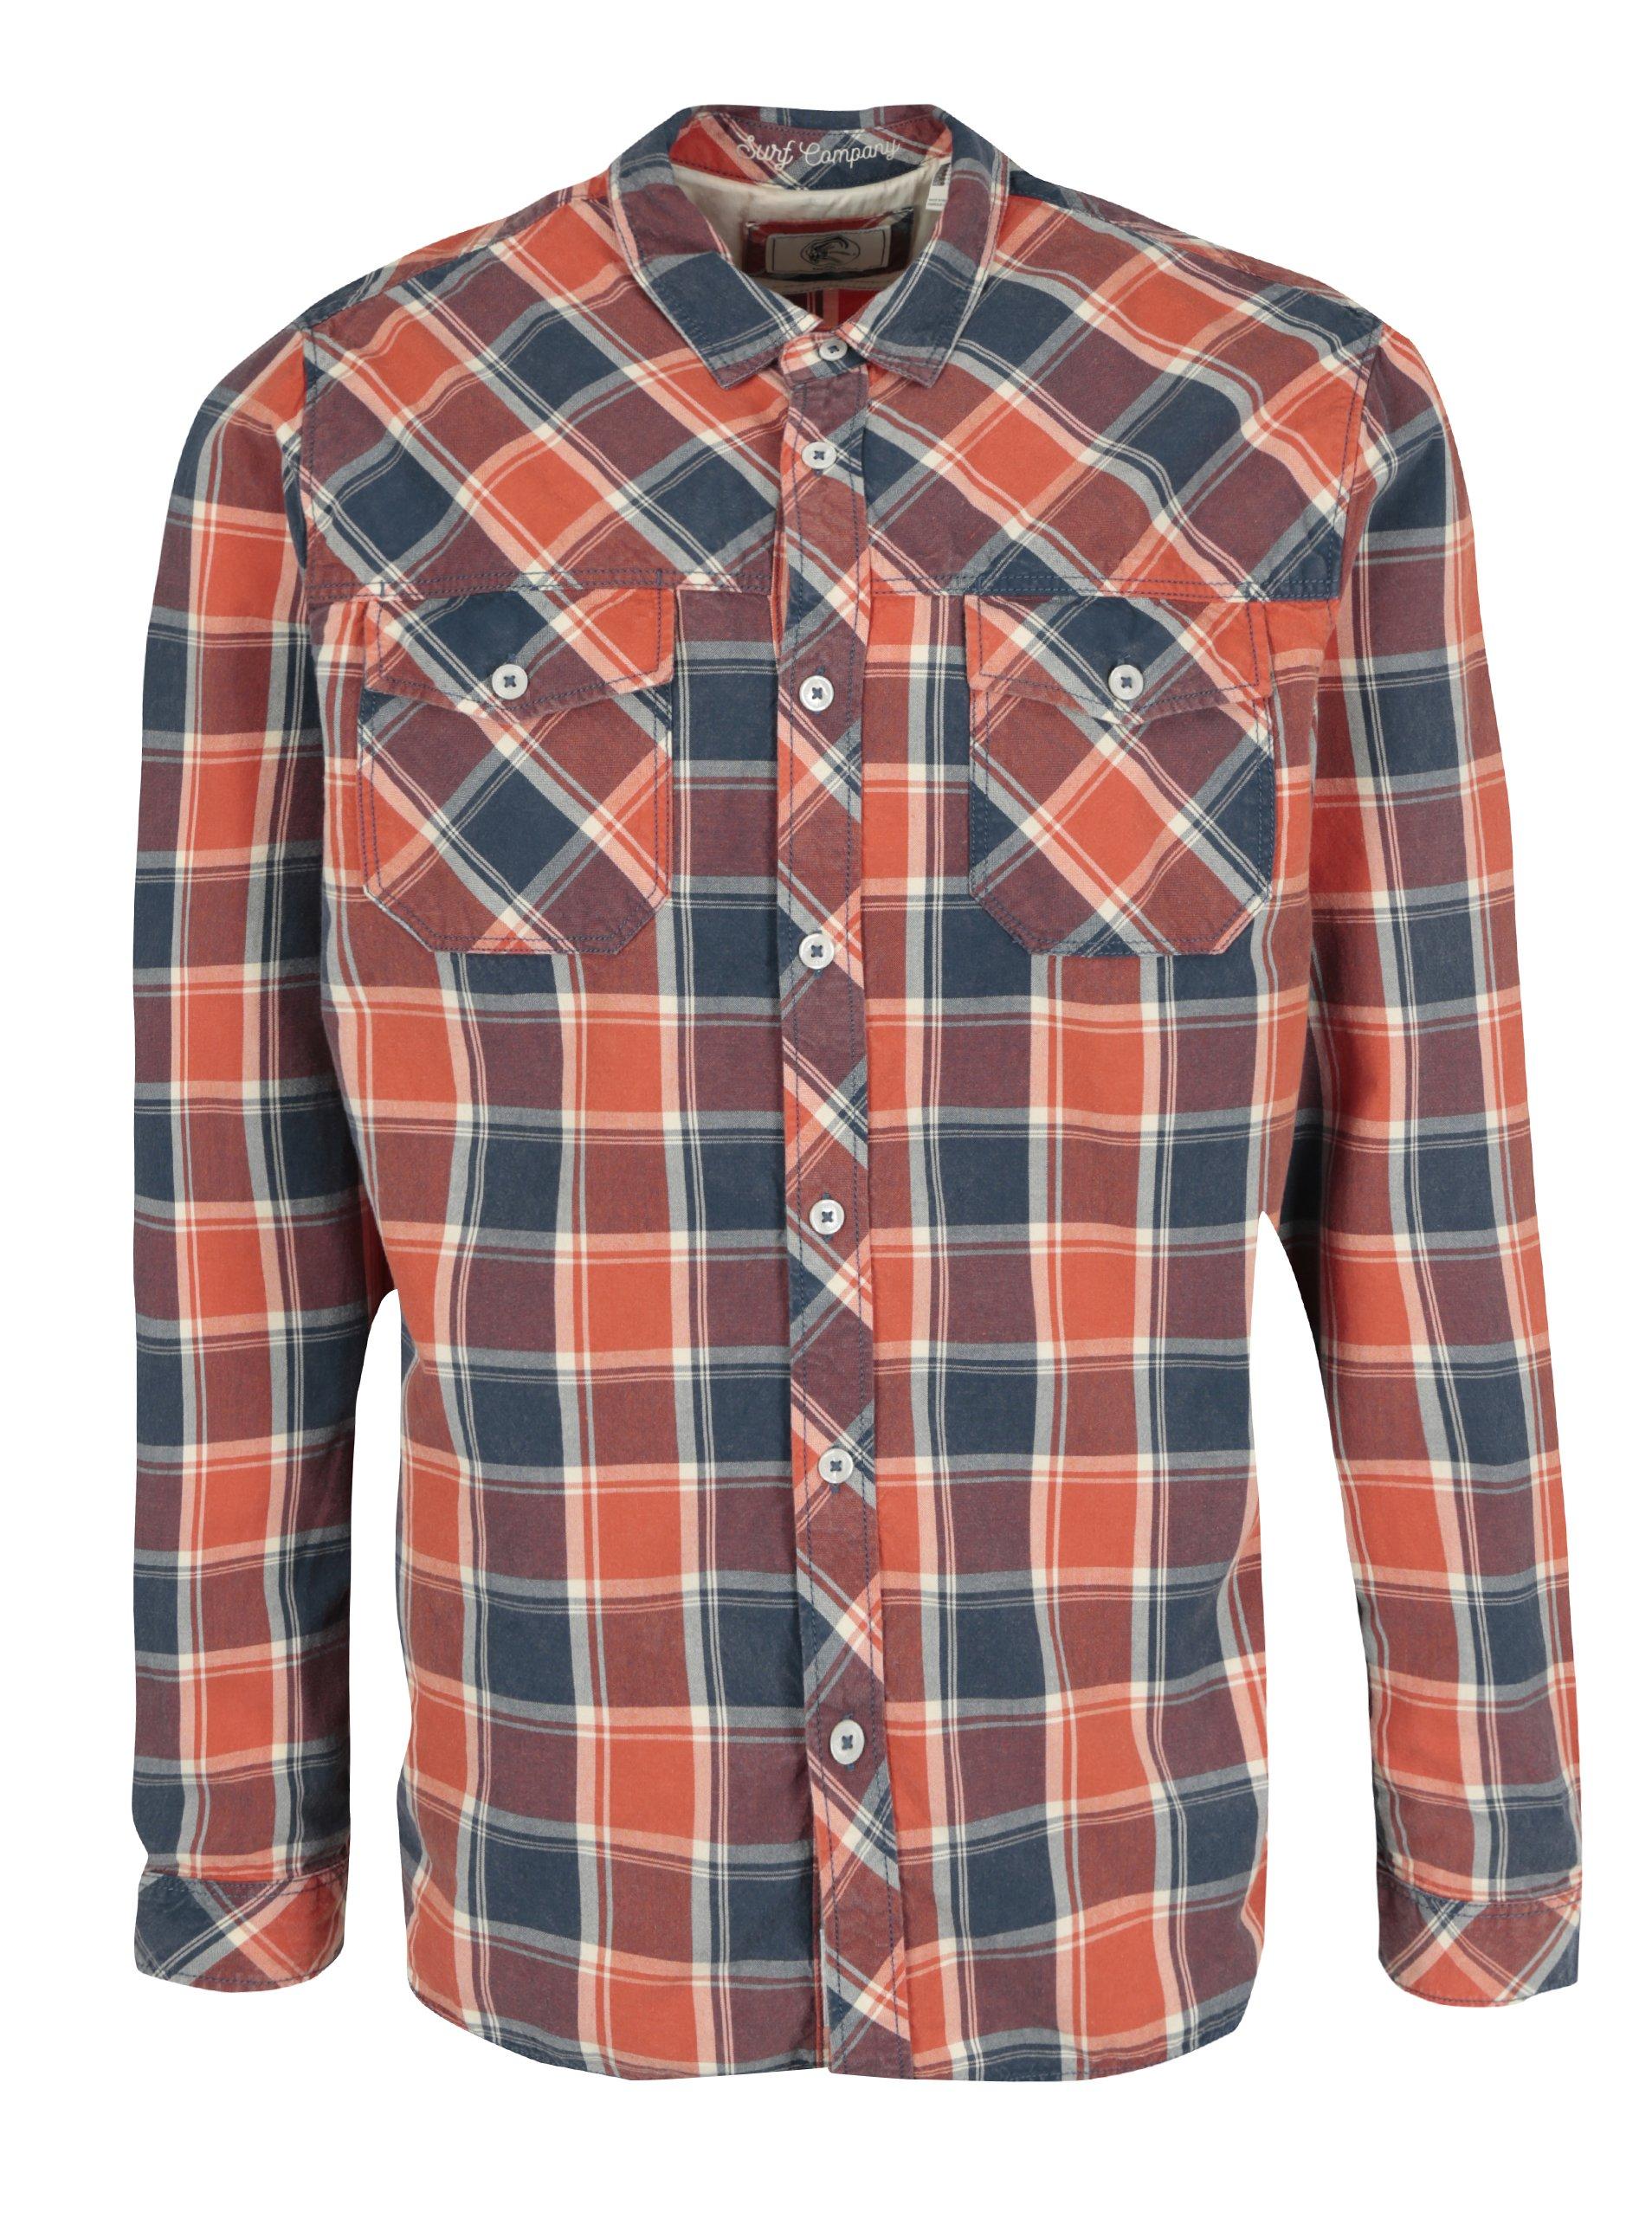 ef749a07288a Modro-červená pánska kockovaná regular fit košeľa O Neill